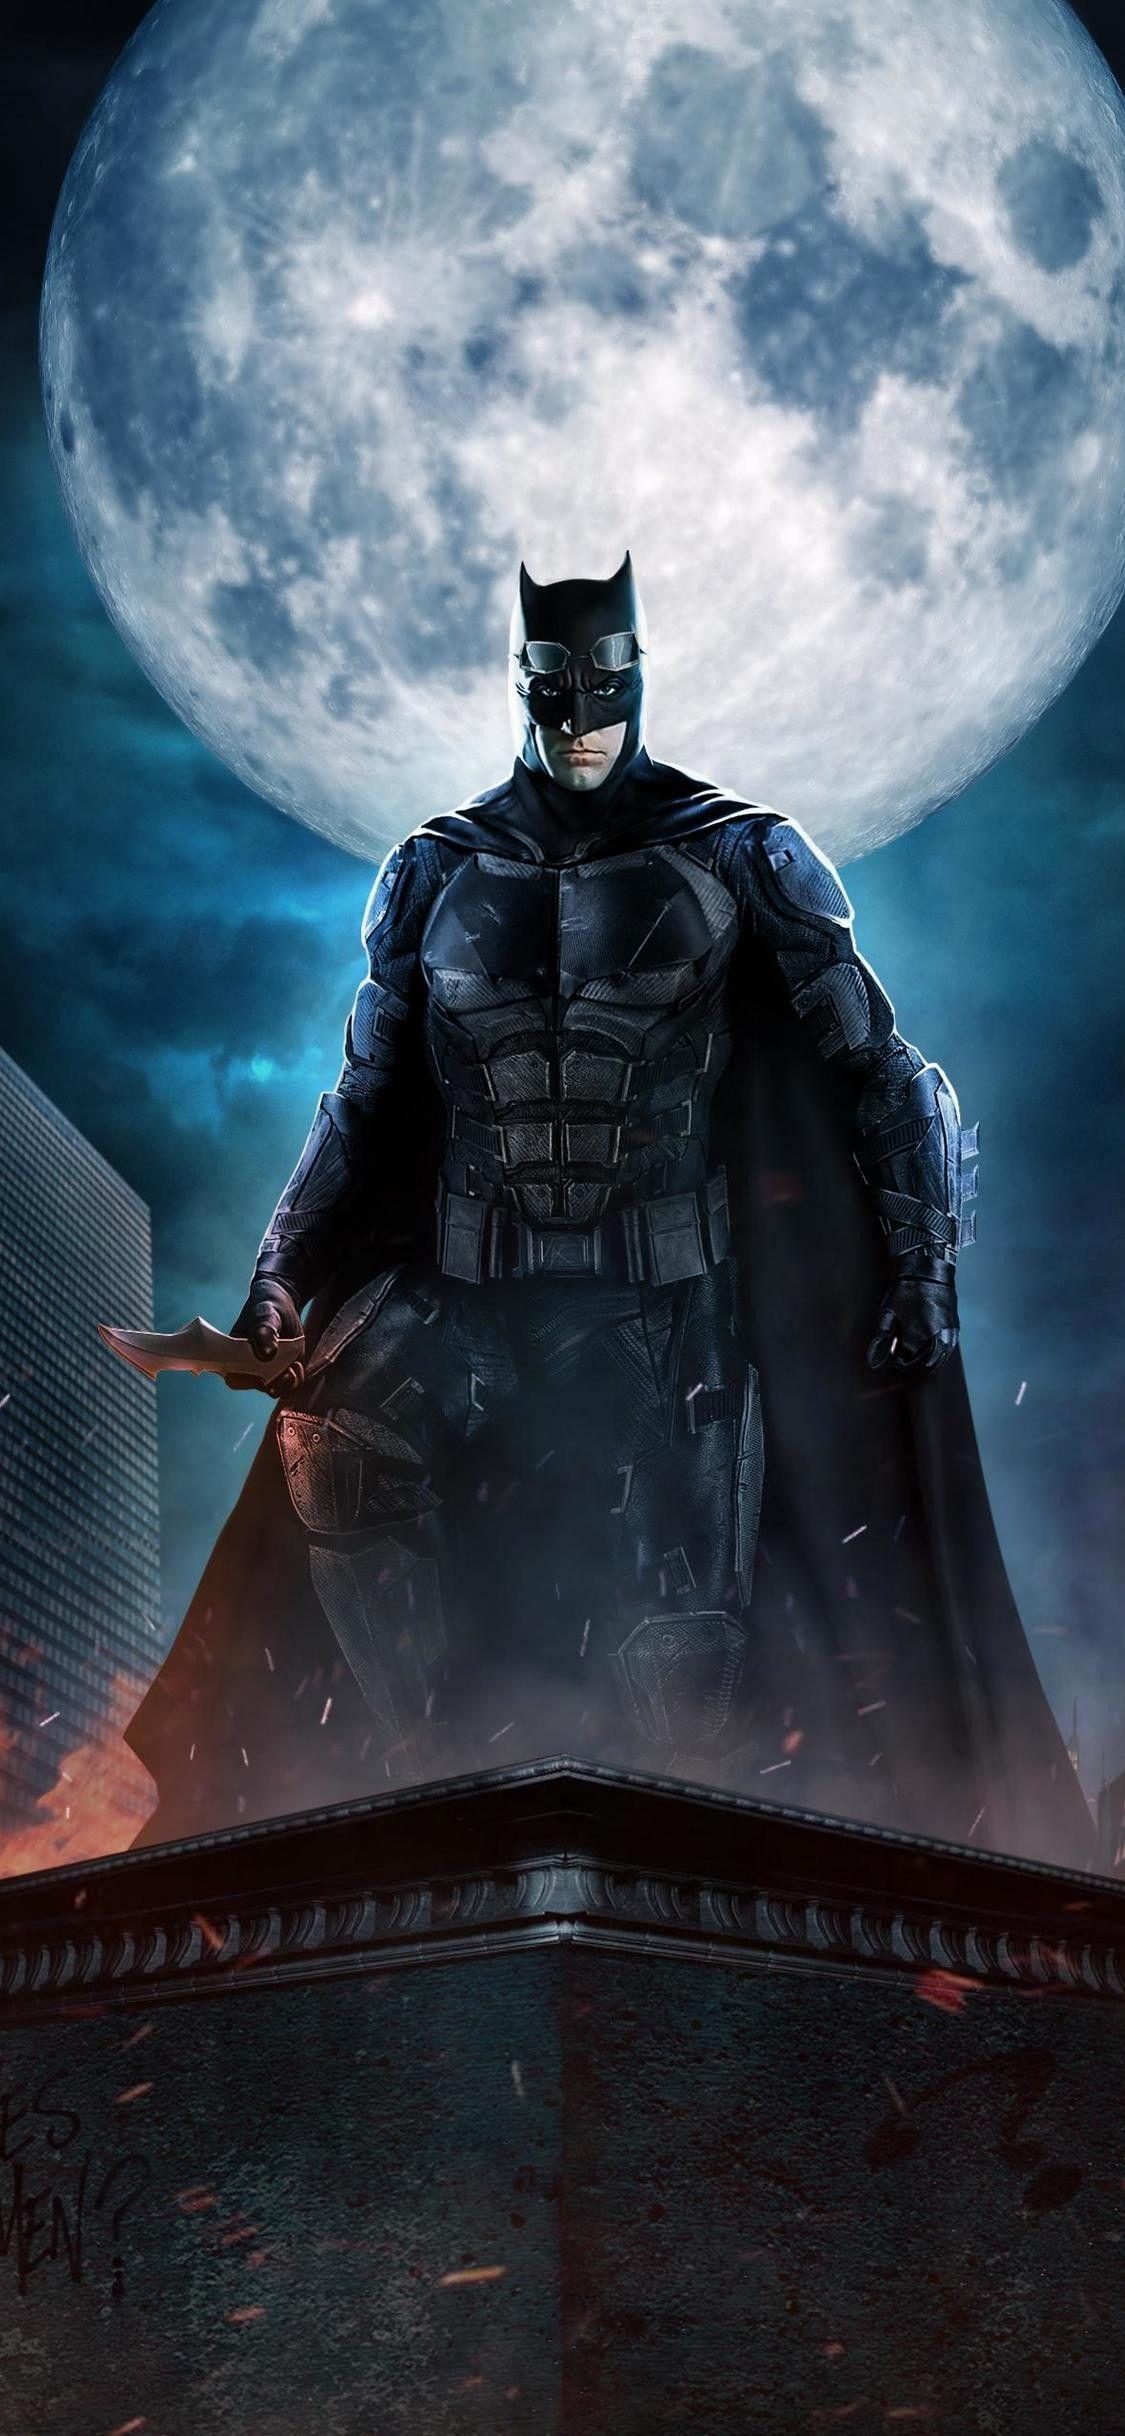 Pin By Dortha Swift On God In 2020 Batman Wallpaper Iphone Batman Wallpaper Batman